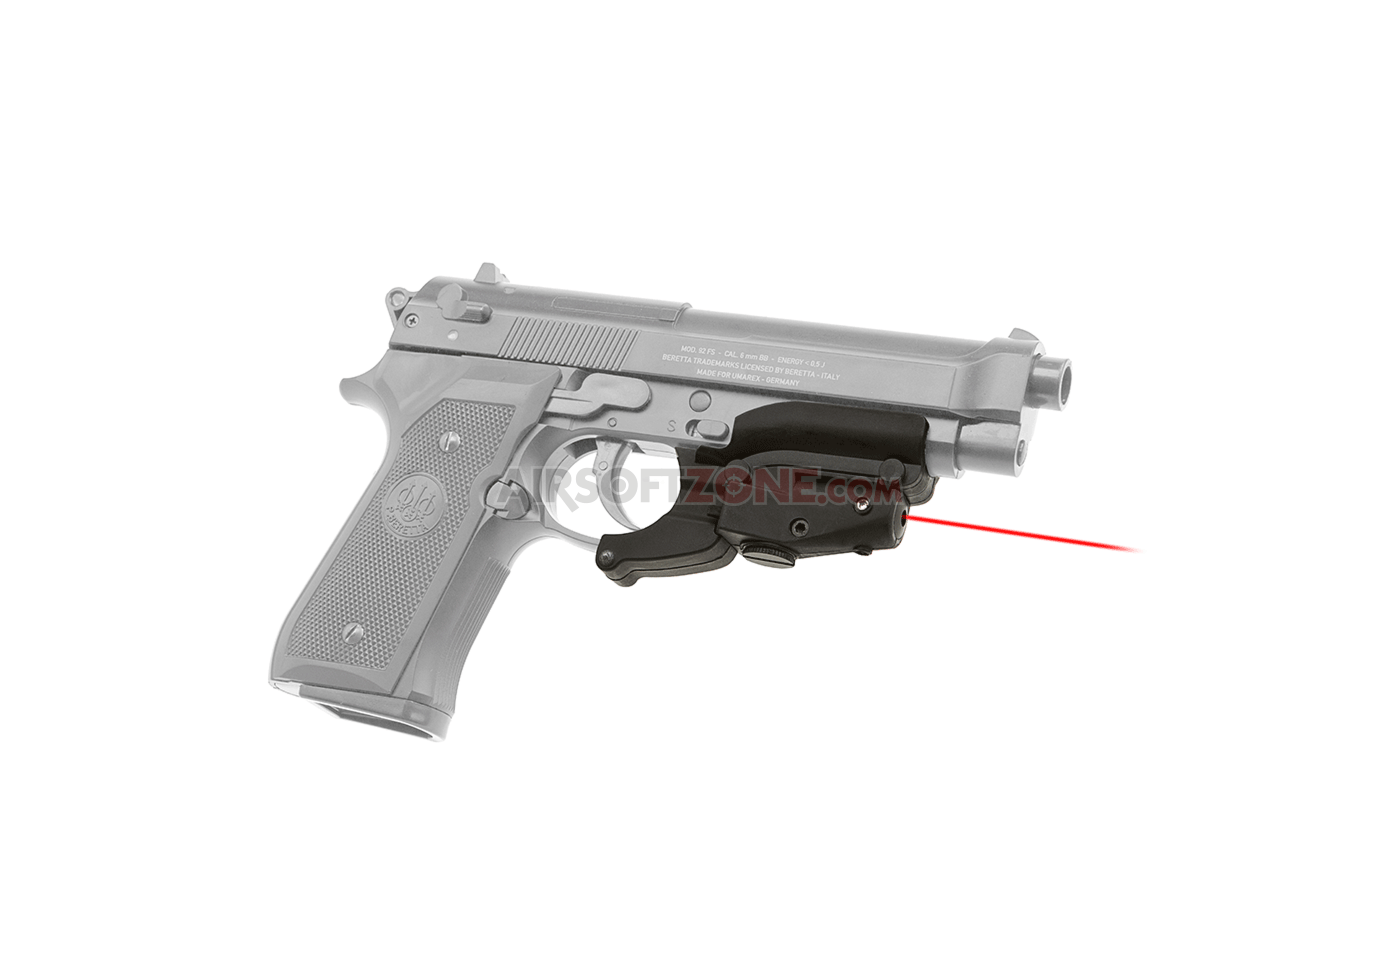 Laser Module for M9 Models